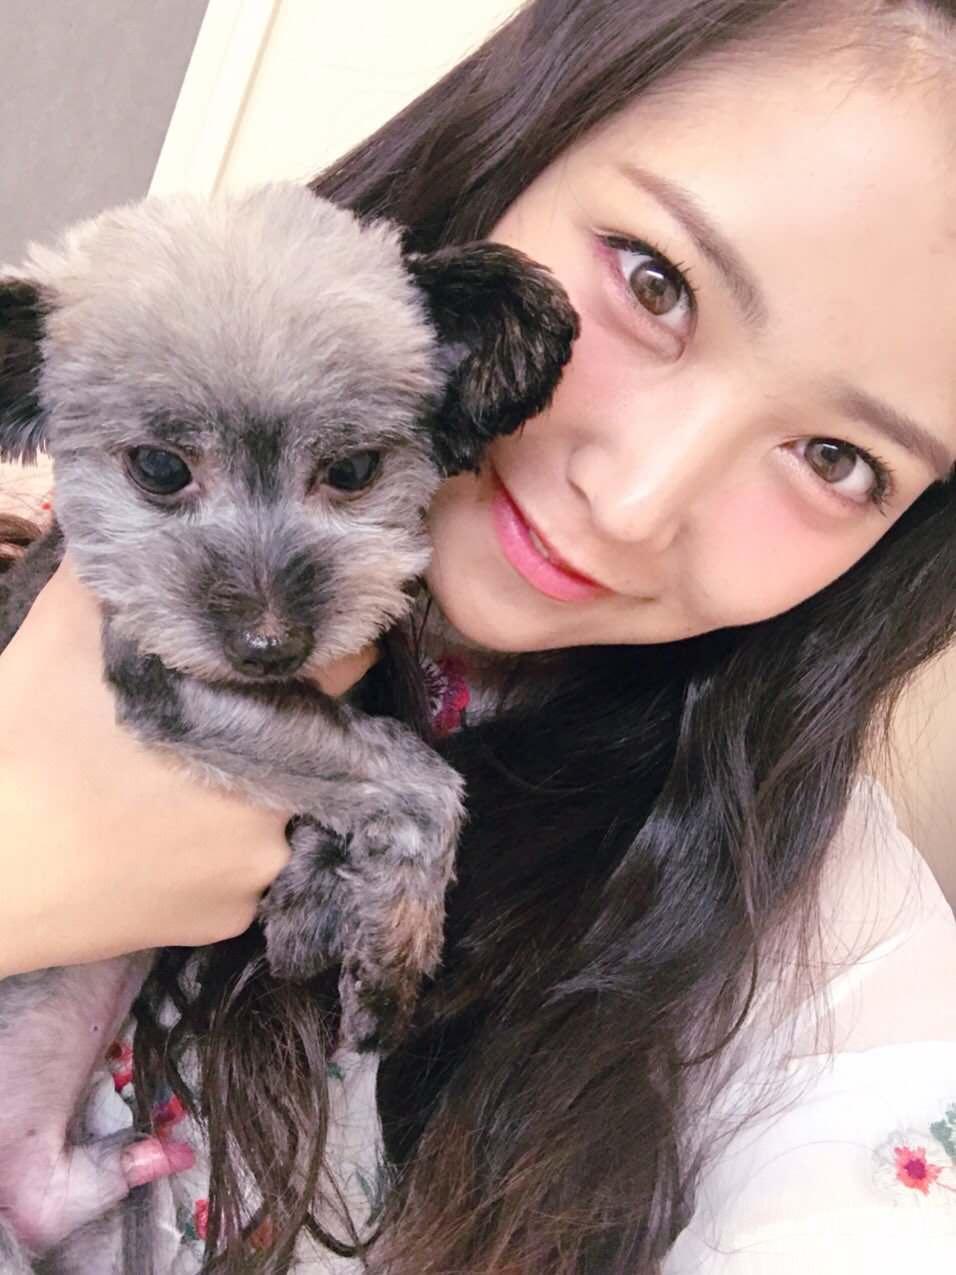 【画像】AKB48・白間美瑠、うっかり家族のズルムケち○こをTwitterで晒してしまう